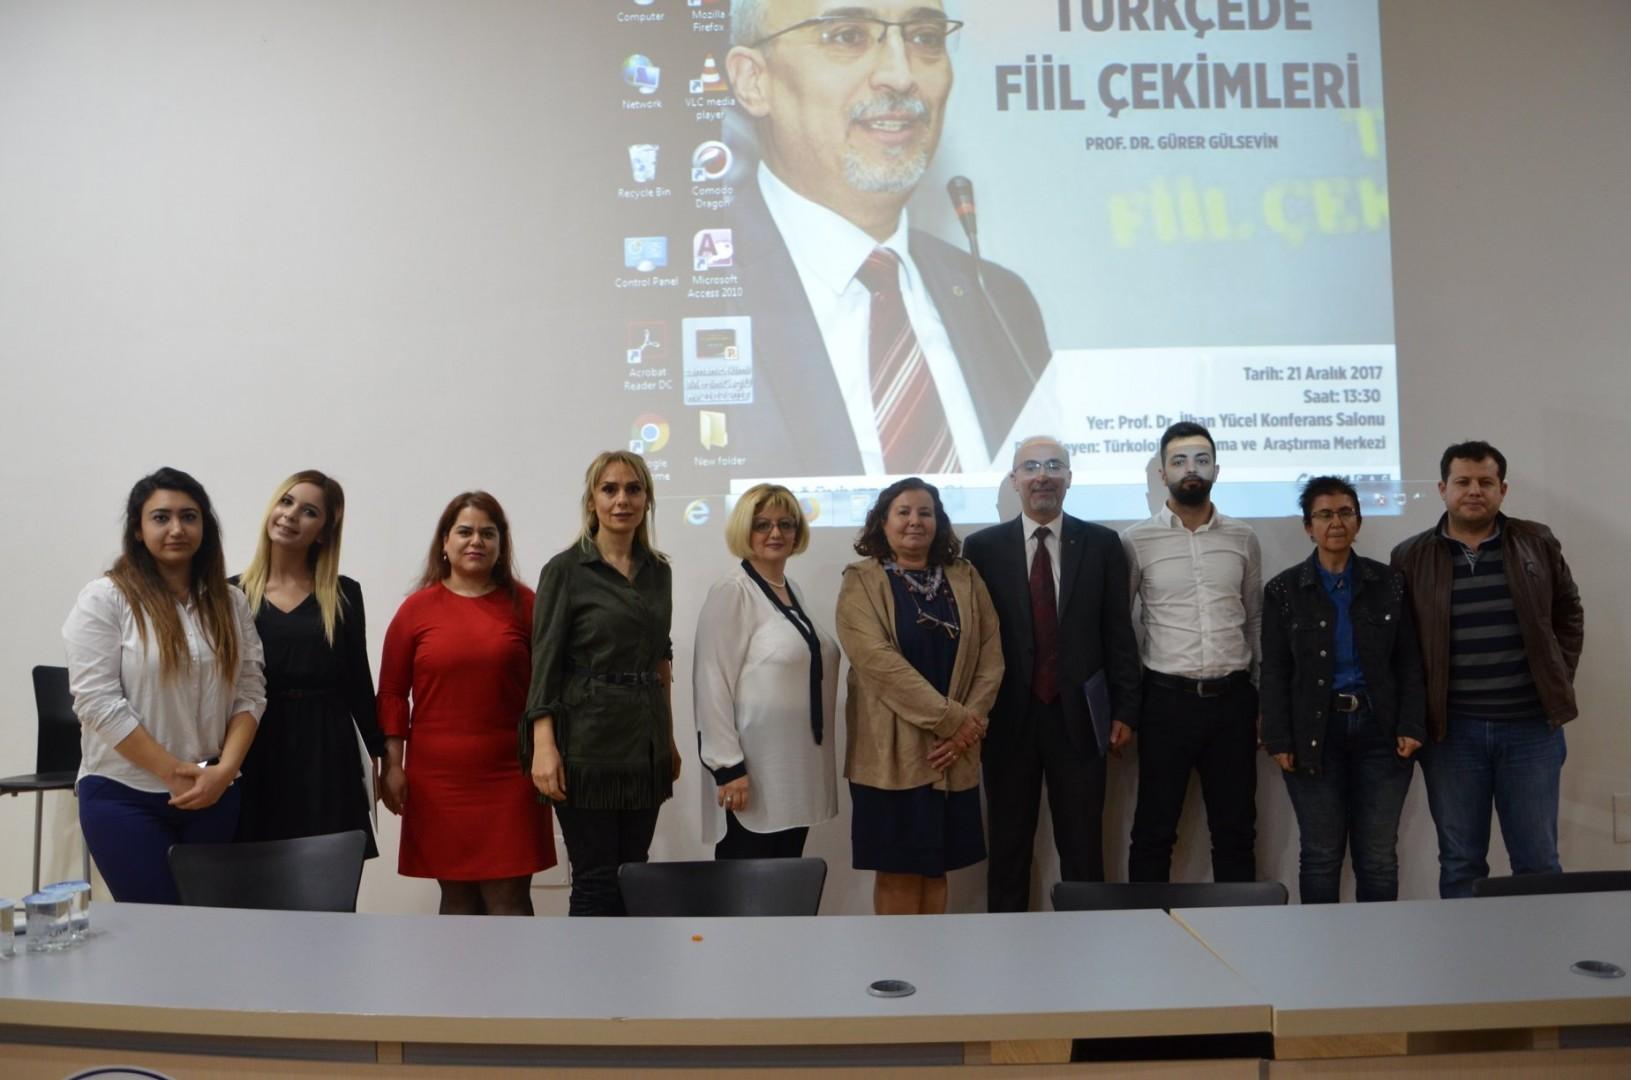 Türkçede Fiil Çekimleri